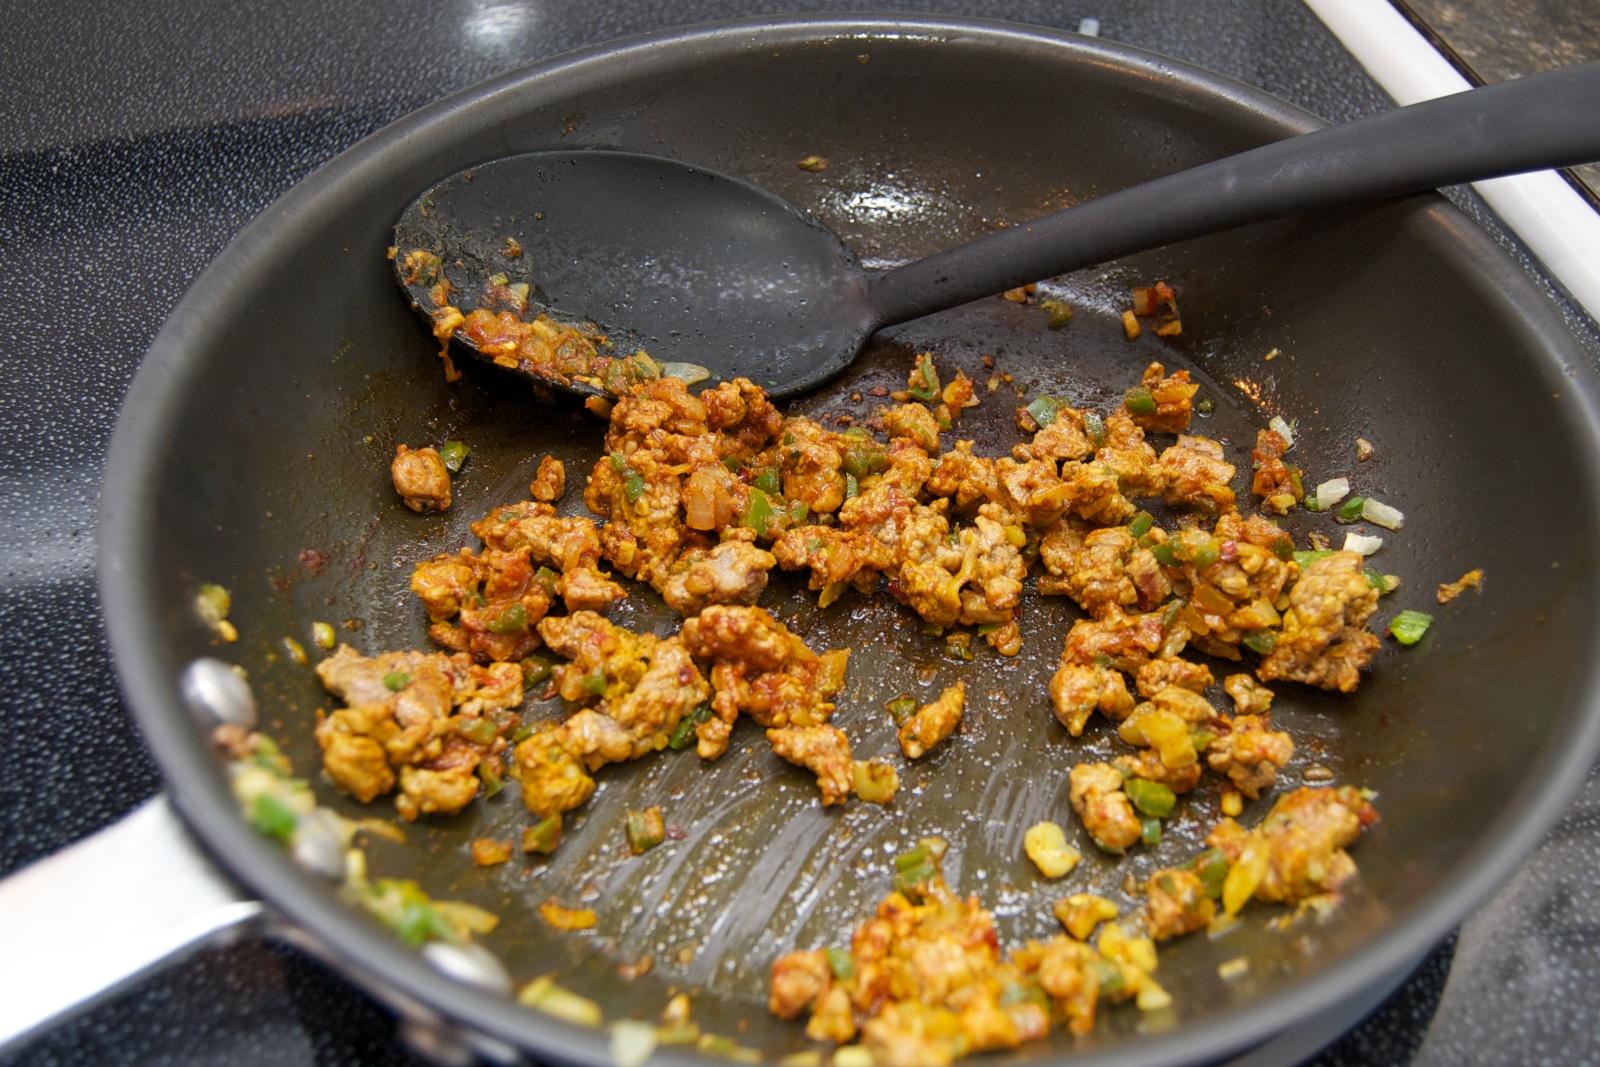 http://blog.rickk.com/food/2011/04/05/mbatten2.jpg